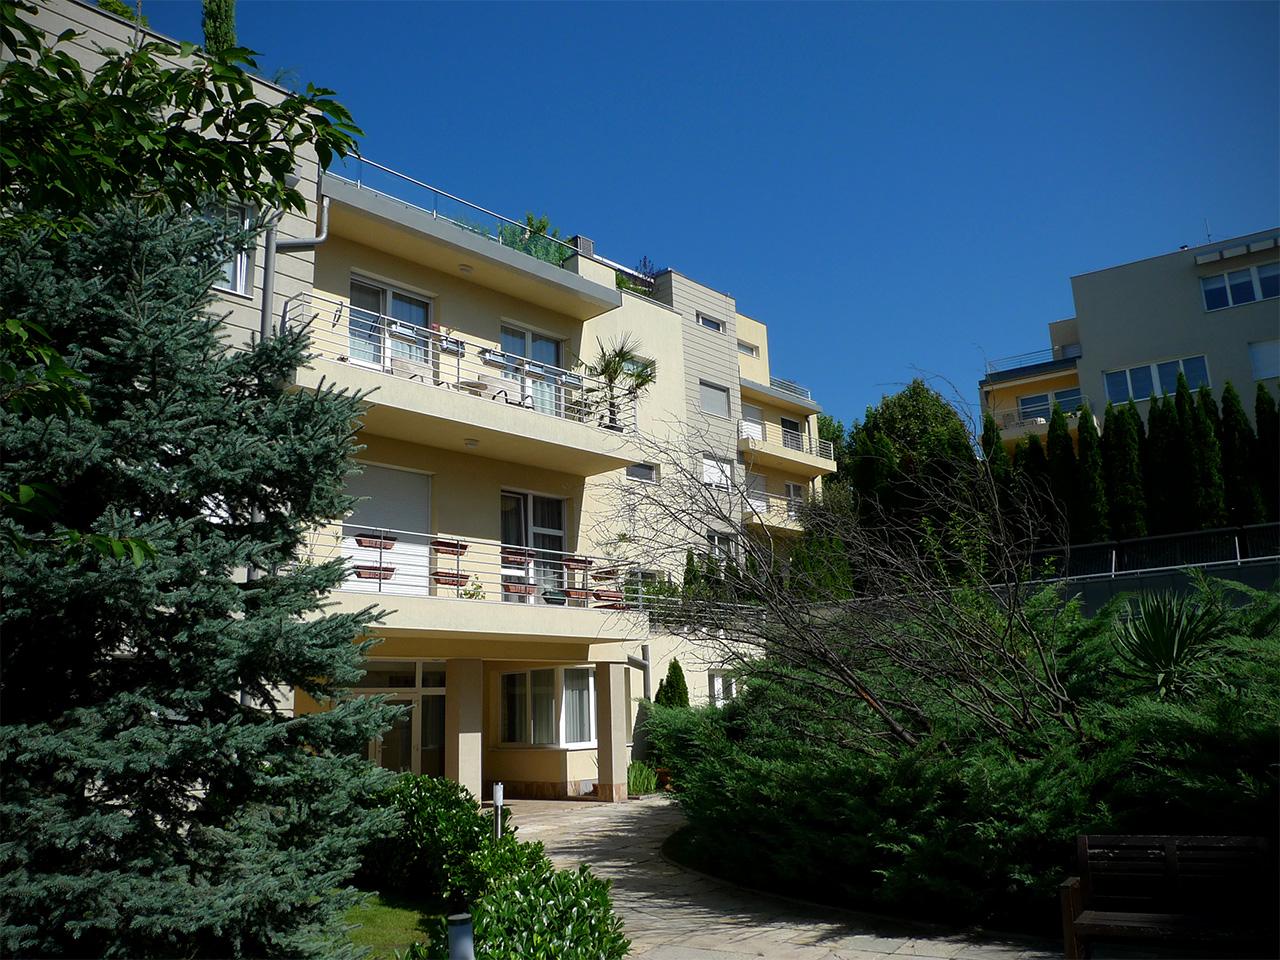 Mészáros Lőrinc évtizedes barátjának közeli munkatársa vehette meg Rogán Antal Pasa parki lakását